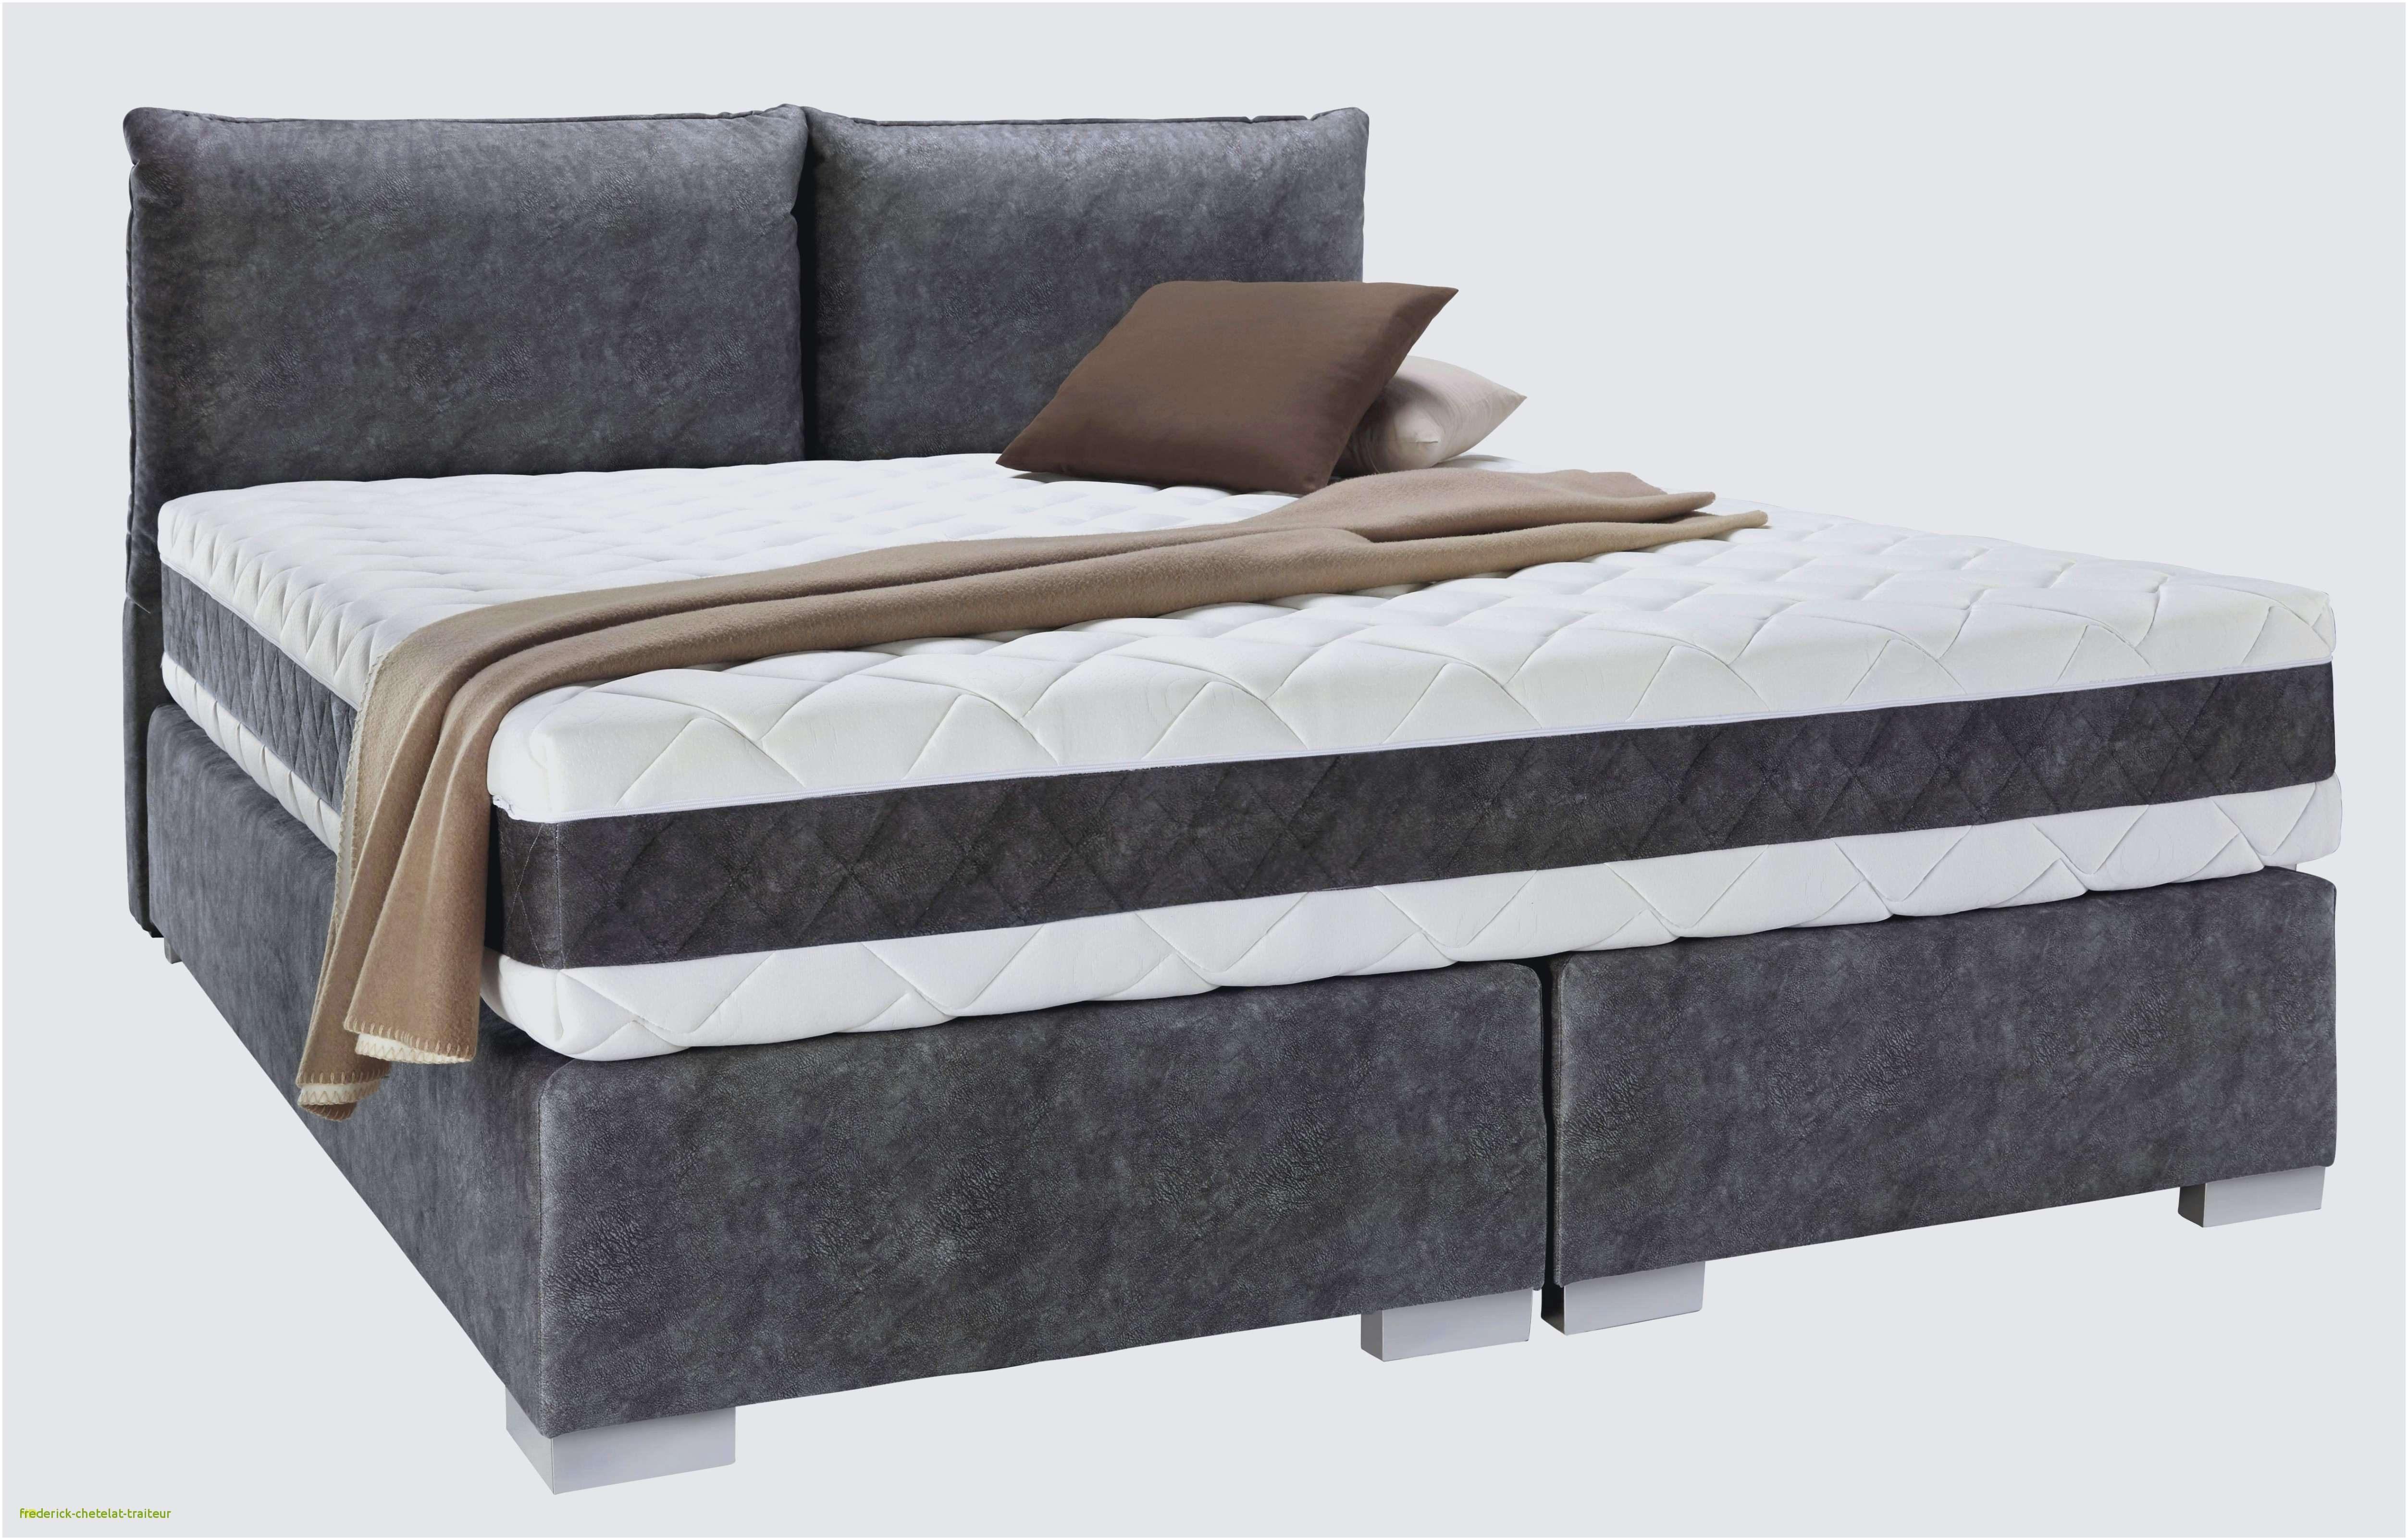 Lit Coffre 180×200 Ikea Agréable Inspiré sommier En Kit 140—190 Ikea Beau S Verin Lit Coffre Génial